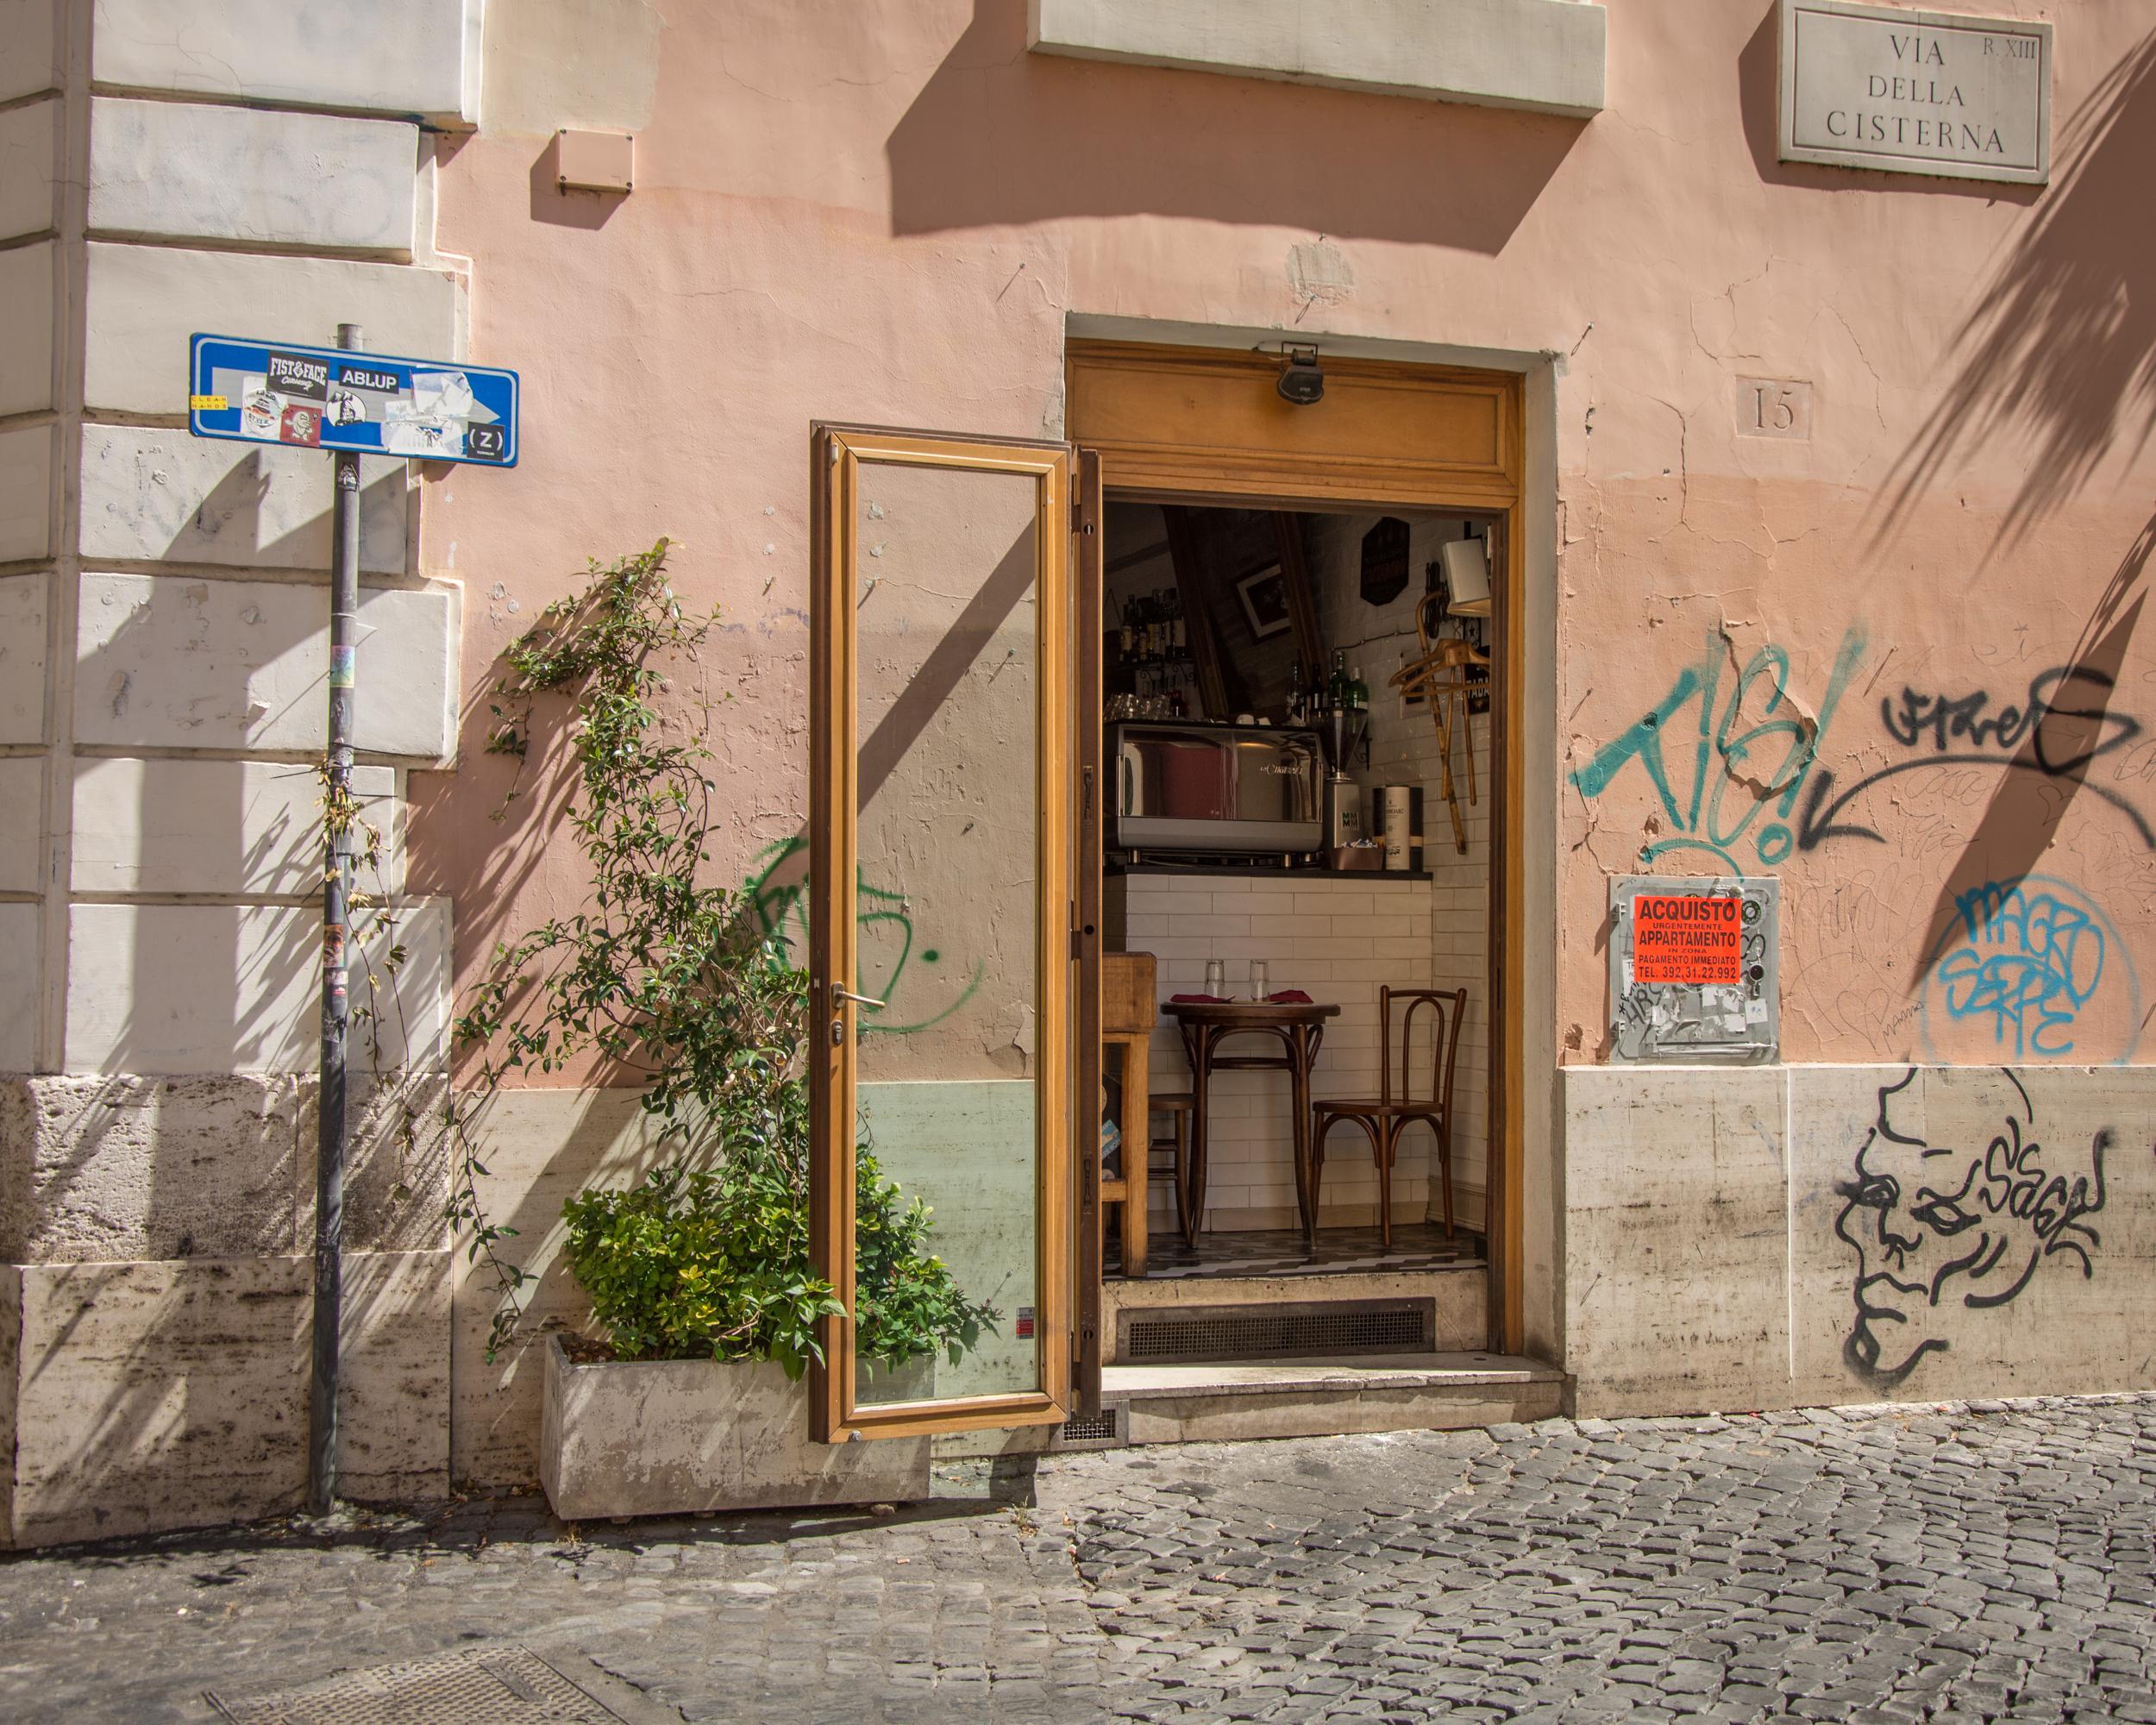 Tavolini Di Marmo Trastevere : A trastevere ci sono più turisti che abitanti. ma è un fenomeno